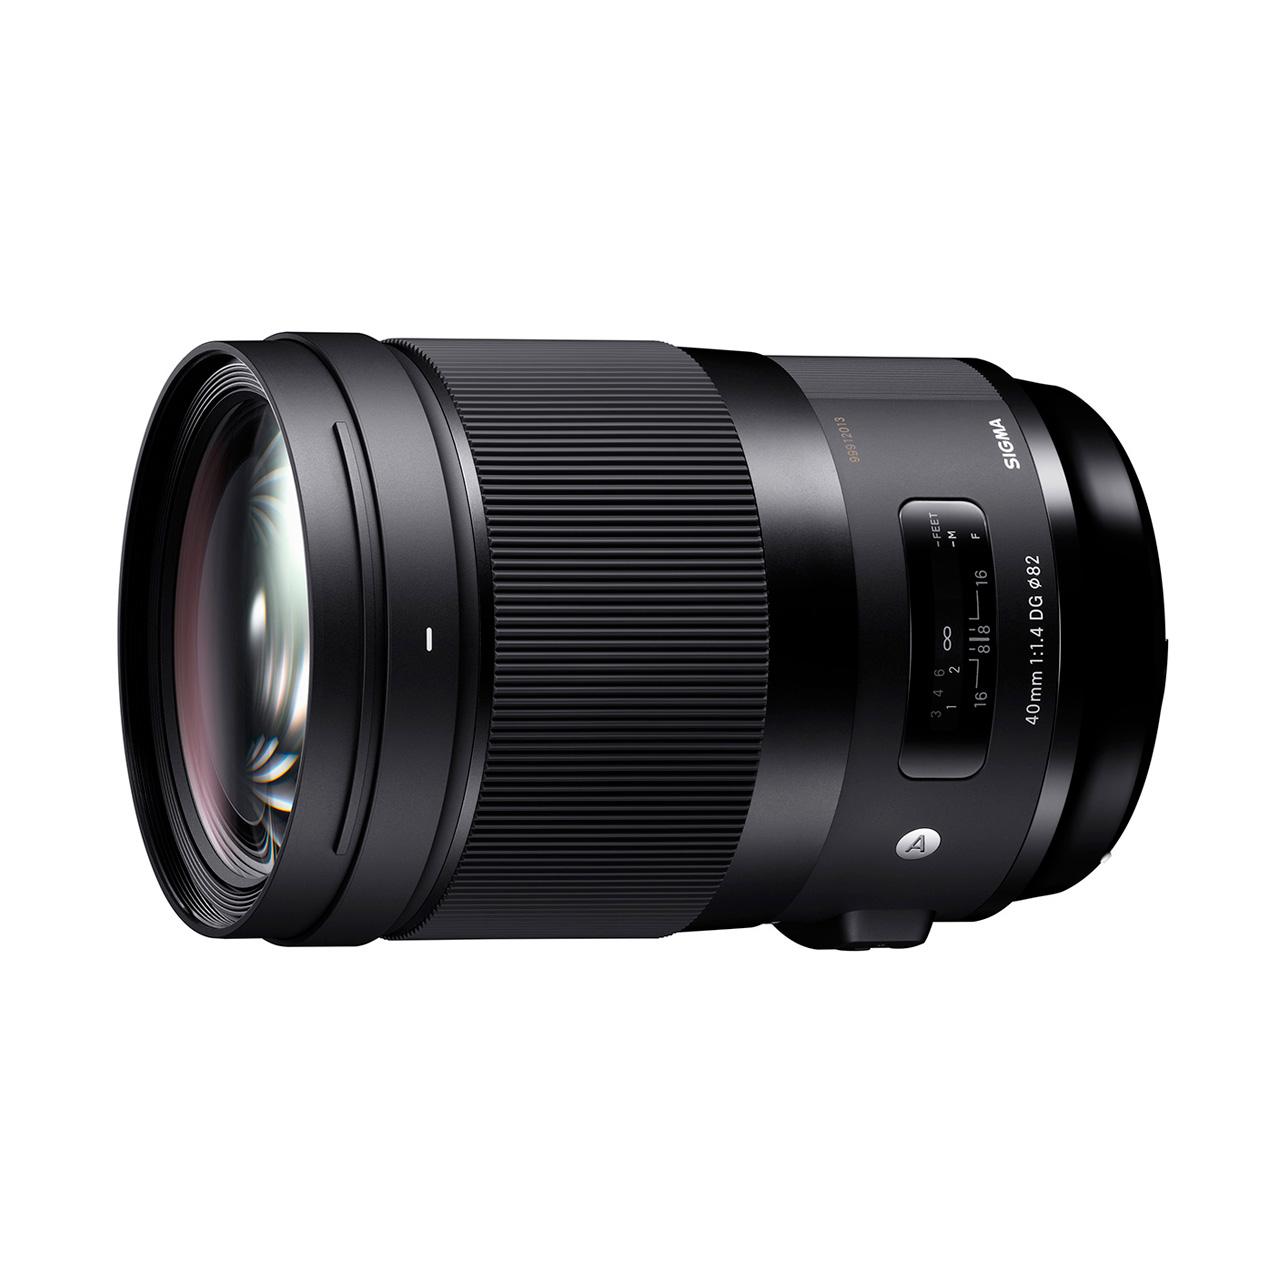 Sigma Nikon Objetivo Pro 40mm f/1.4 DG HSM Art